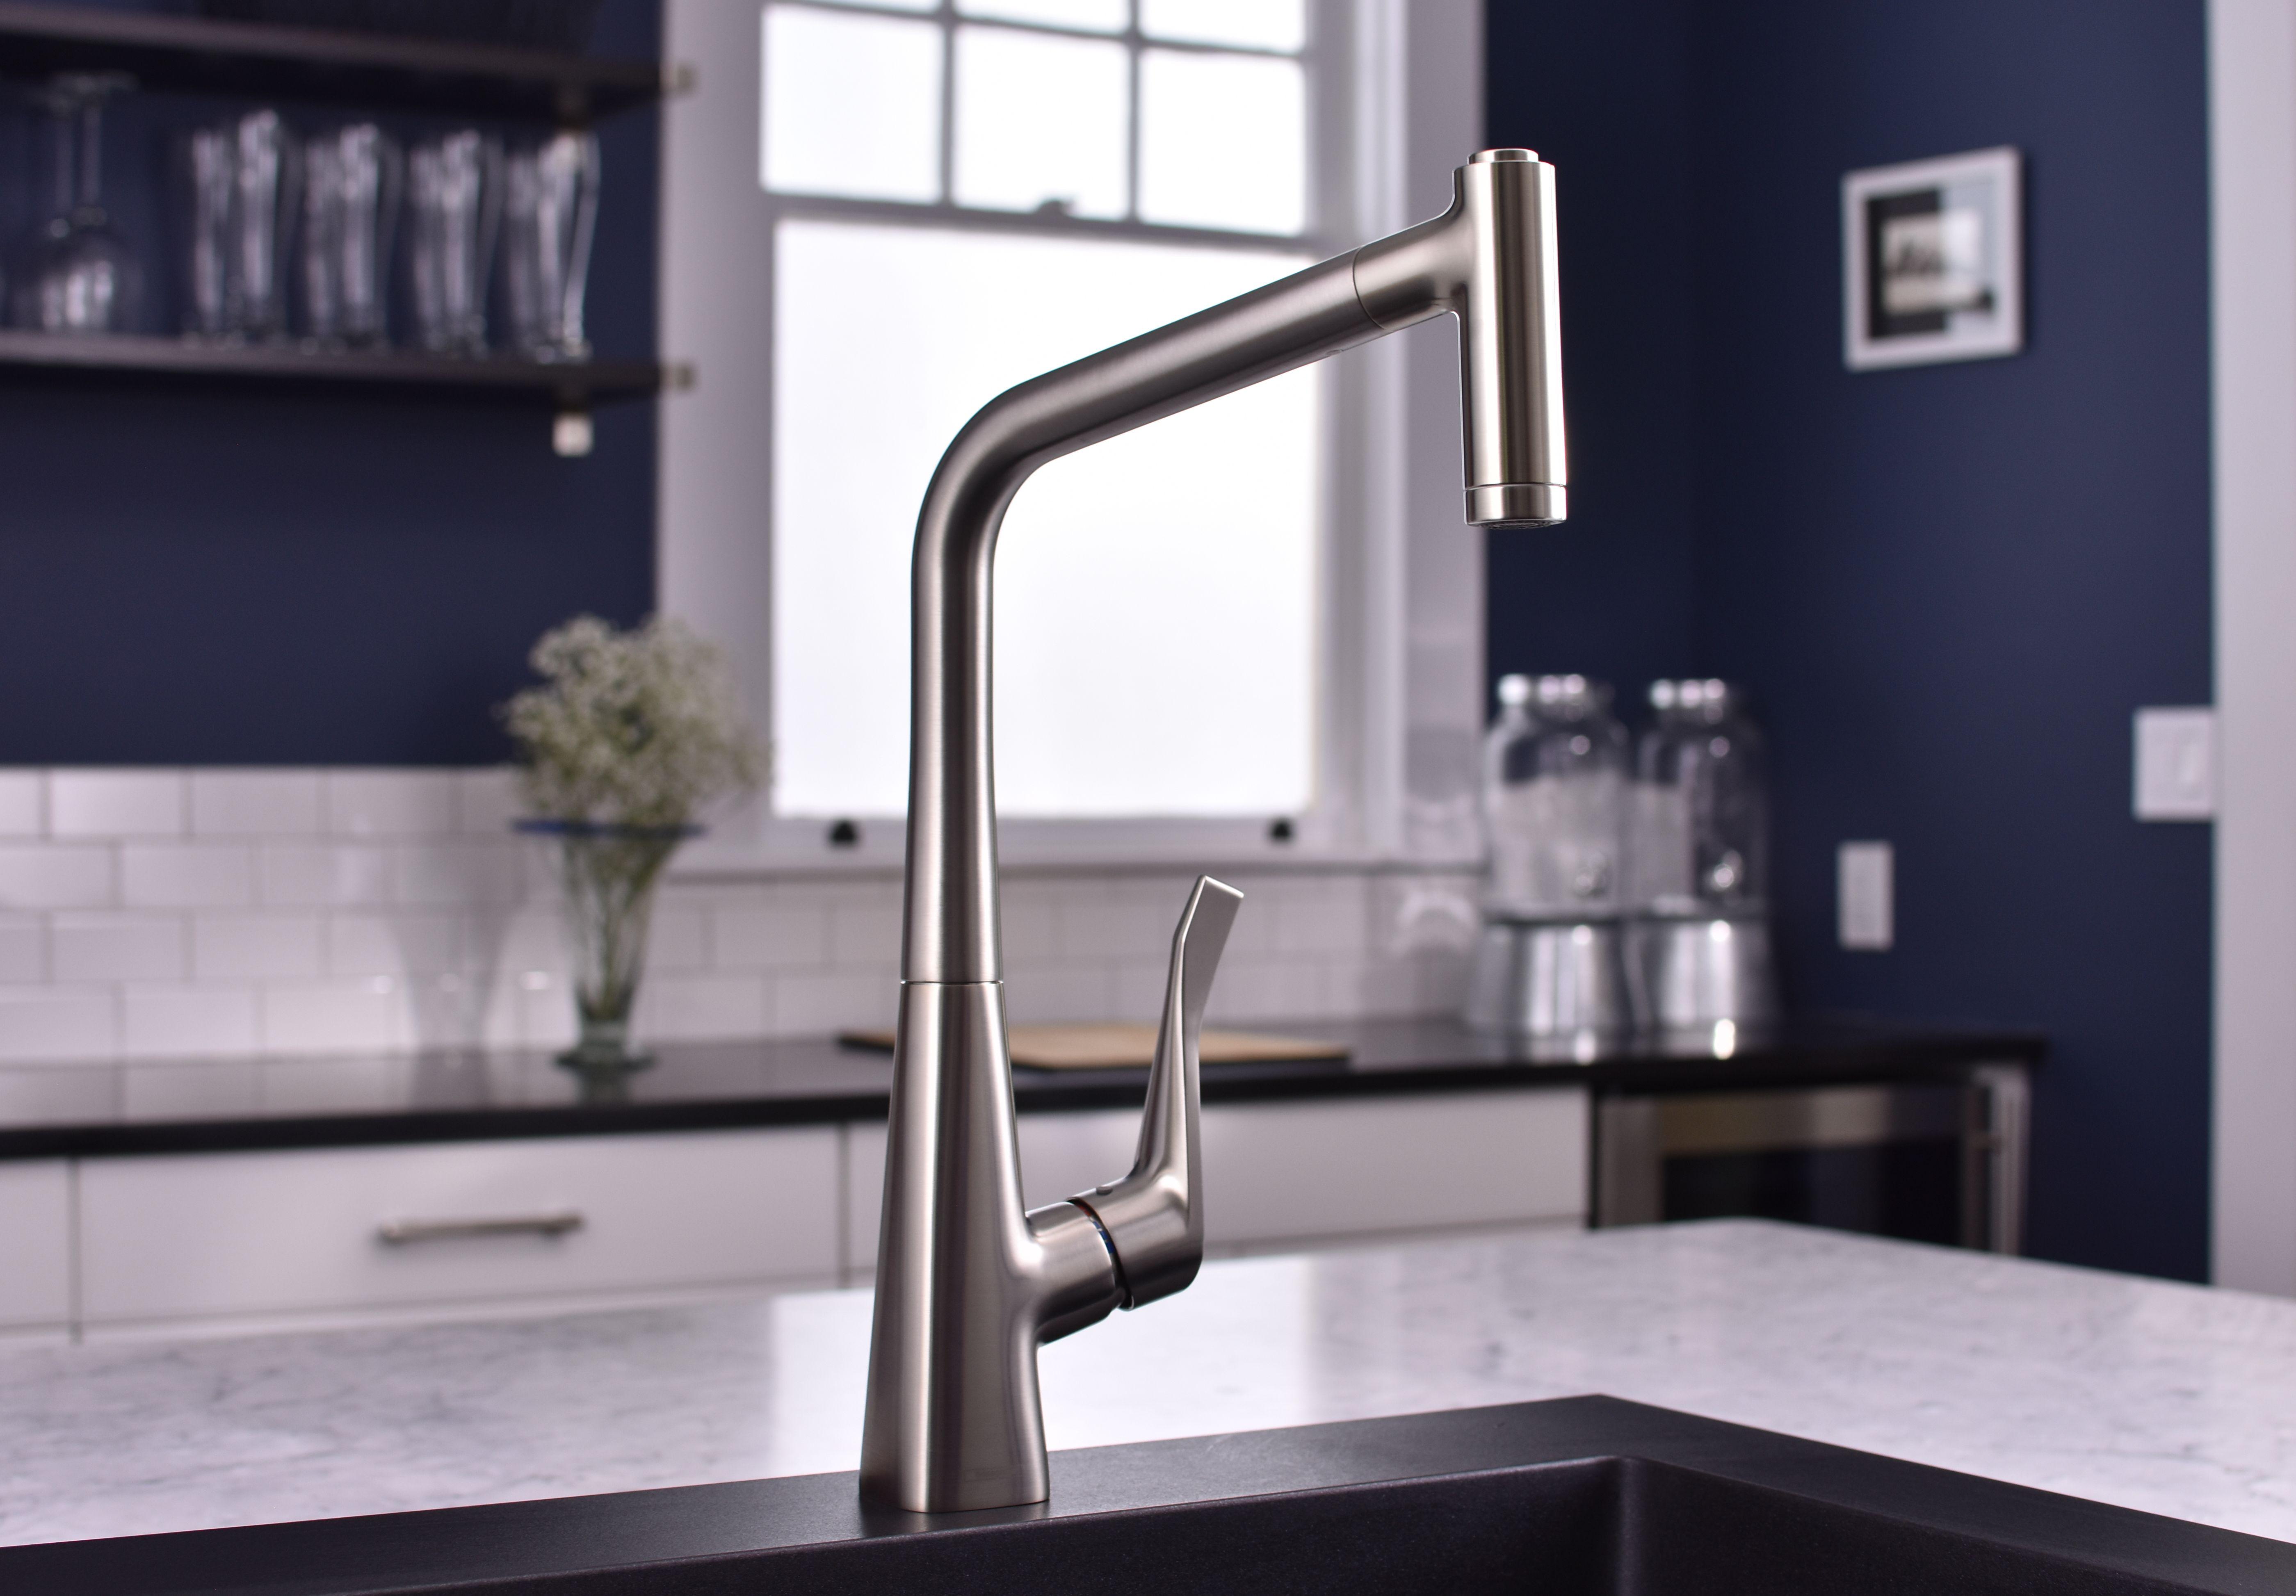 Hansgrohe Metris Kitchen Faucet Kitchen Faucet Single Hole Kitchen Faucet Kitchen Styling